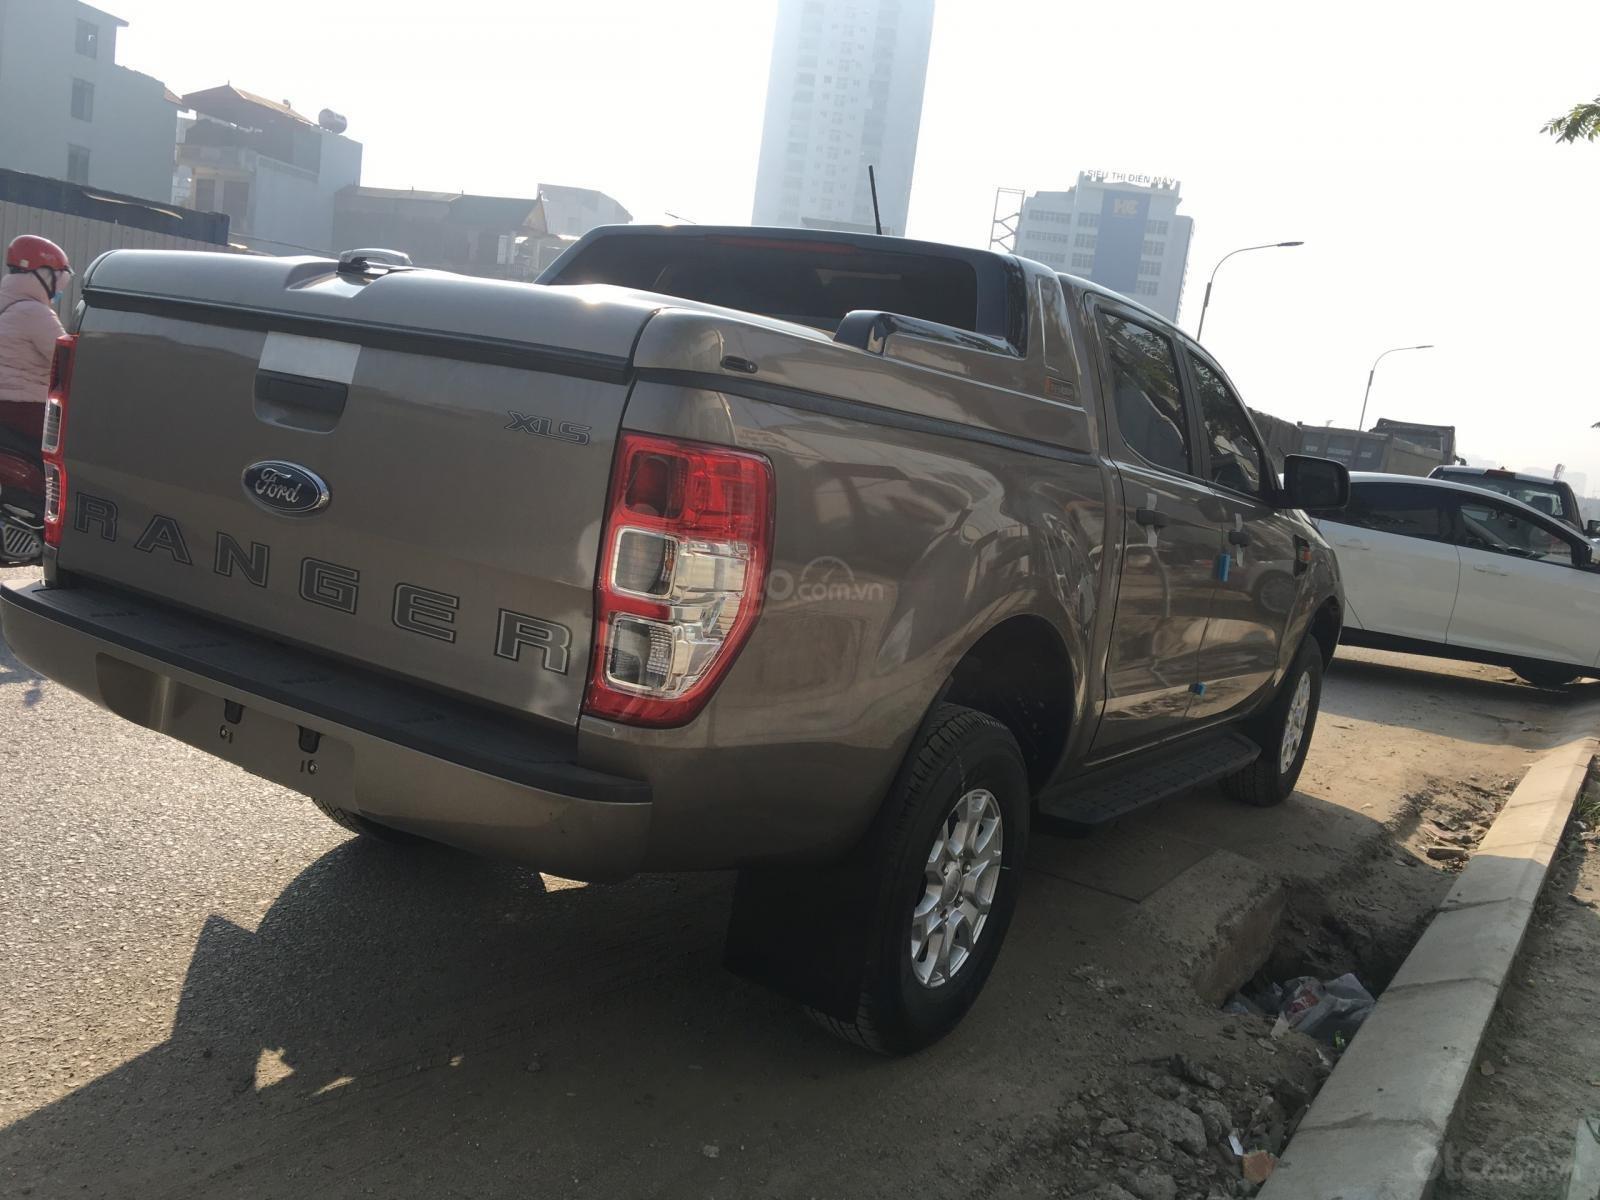 Bán Ford Ranger XLS AT 1 cầu, số tự động xe mới, nhập nguyên chiếc Thái Lan, bao giá toàn quốc LH 0965423558 (8)